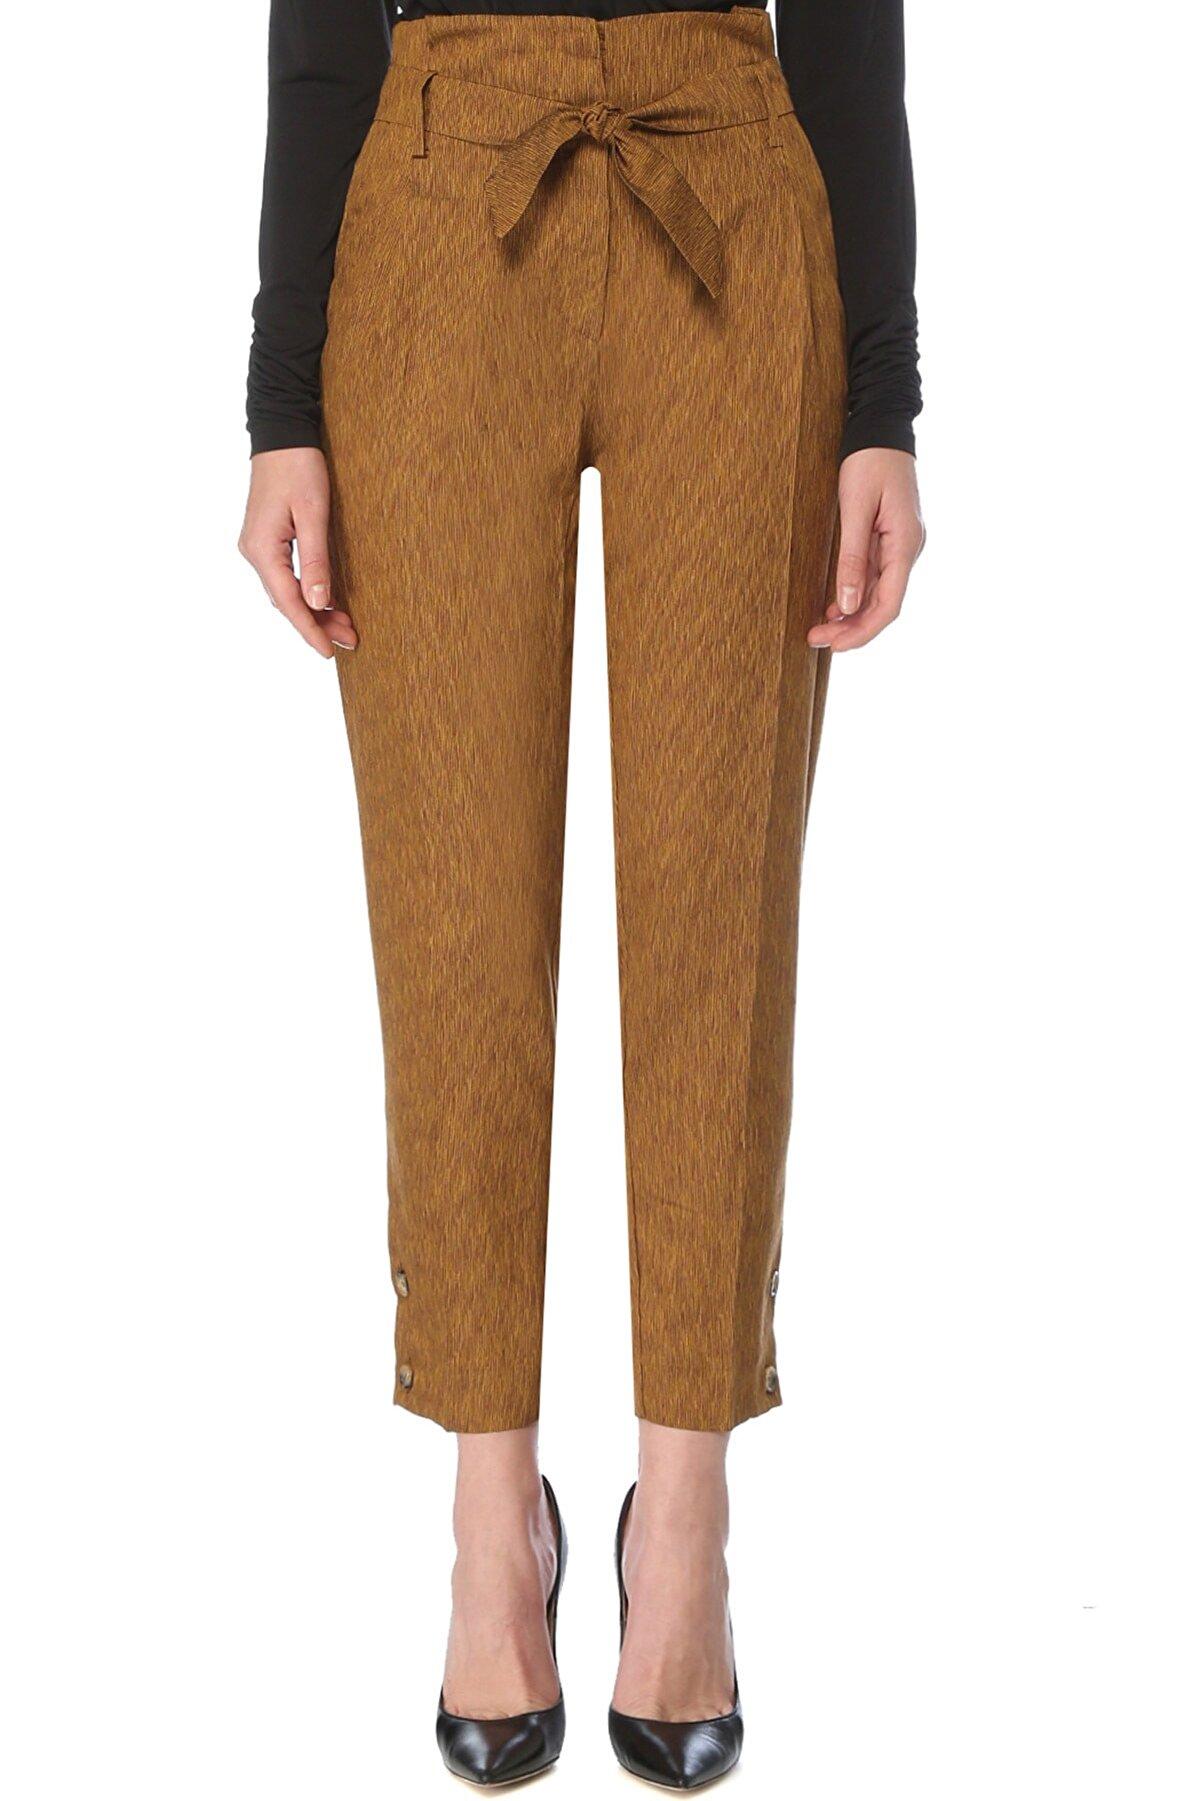 Network Kadın Hardal Regular Fit Kamel Yüksek Bel Pilili Pantolon 1077180